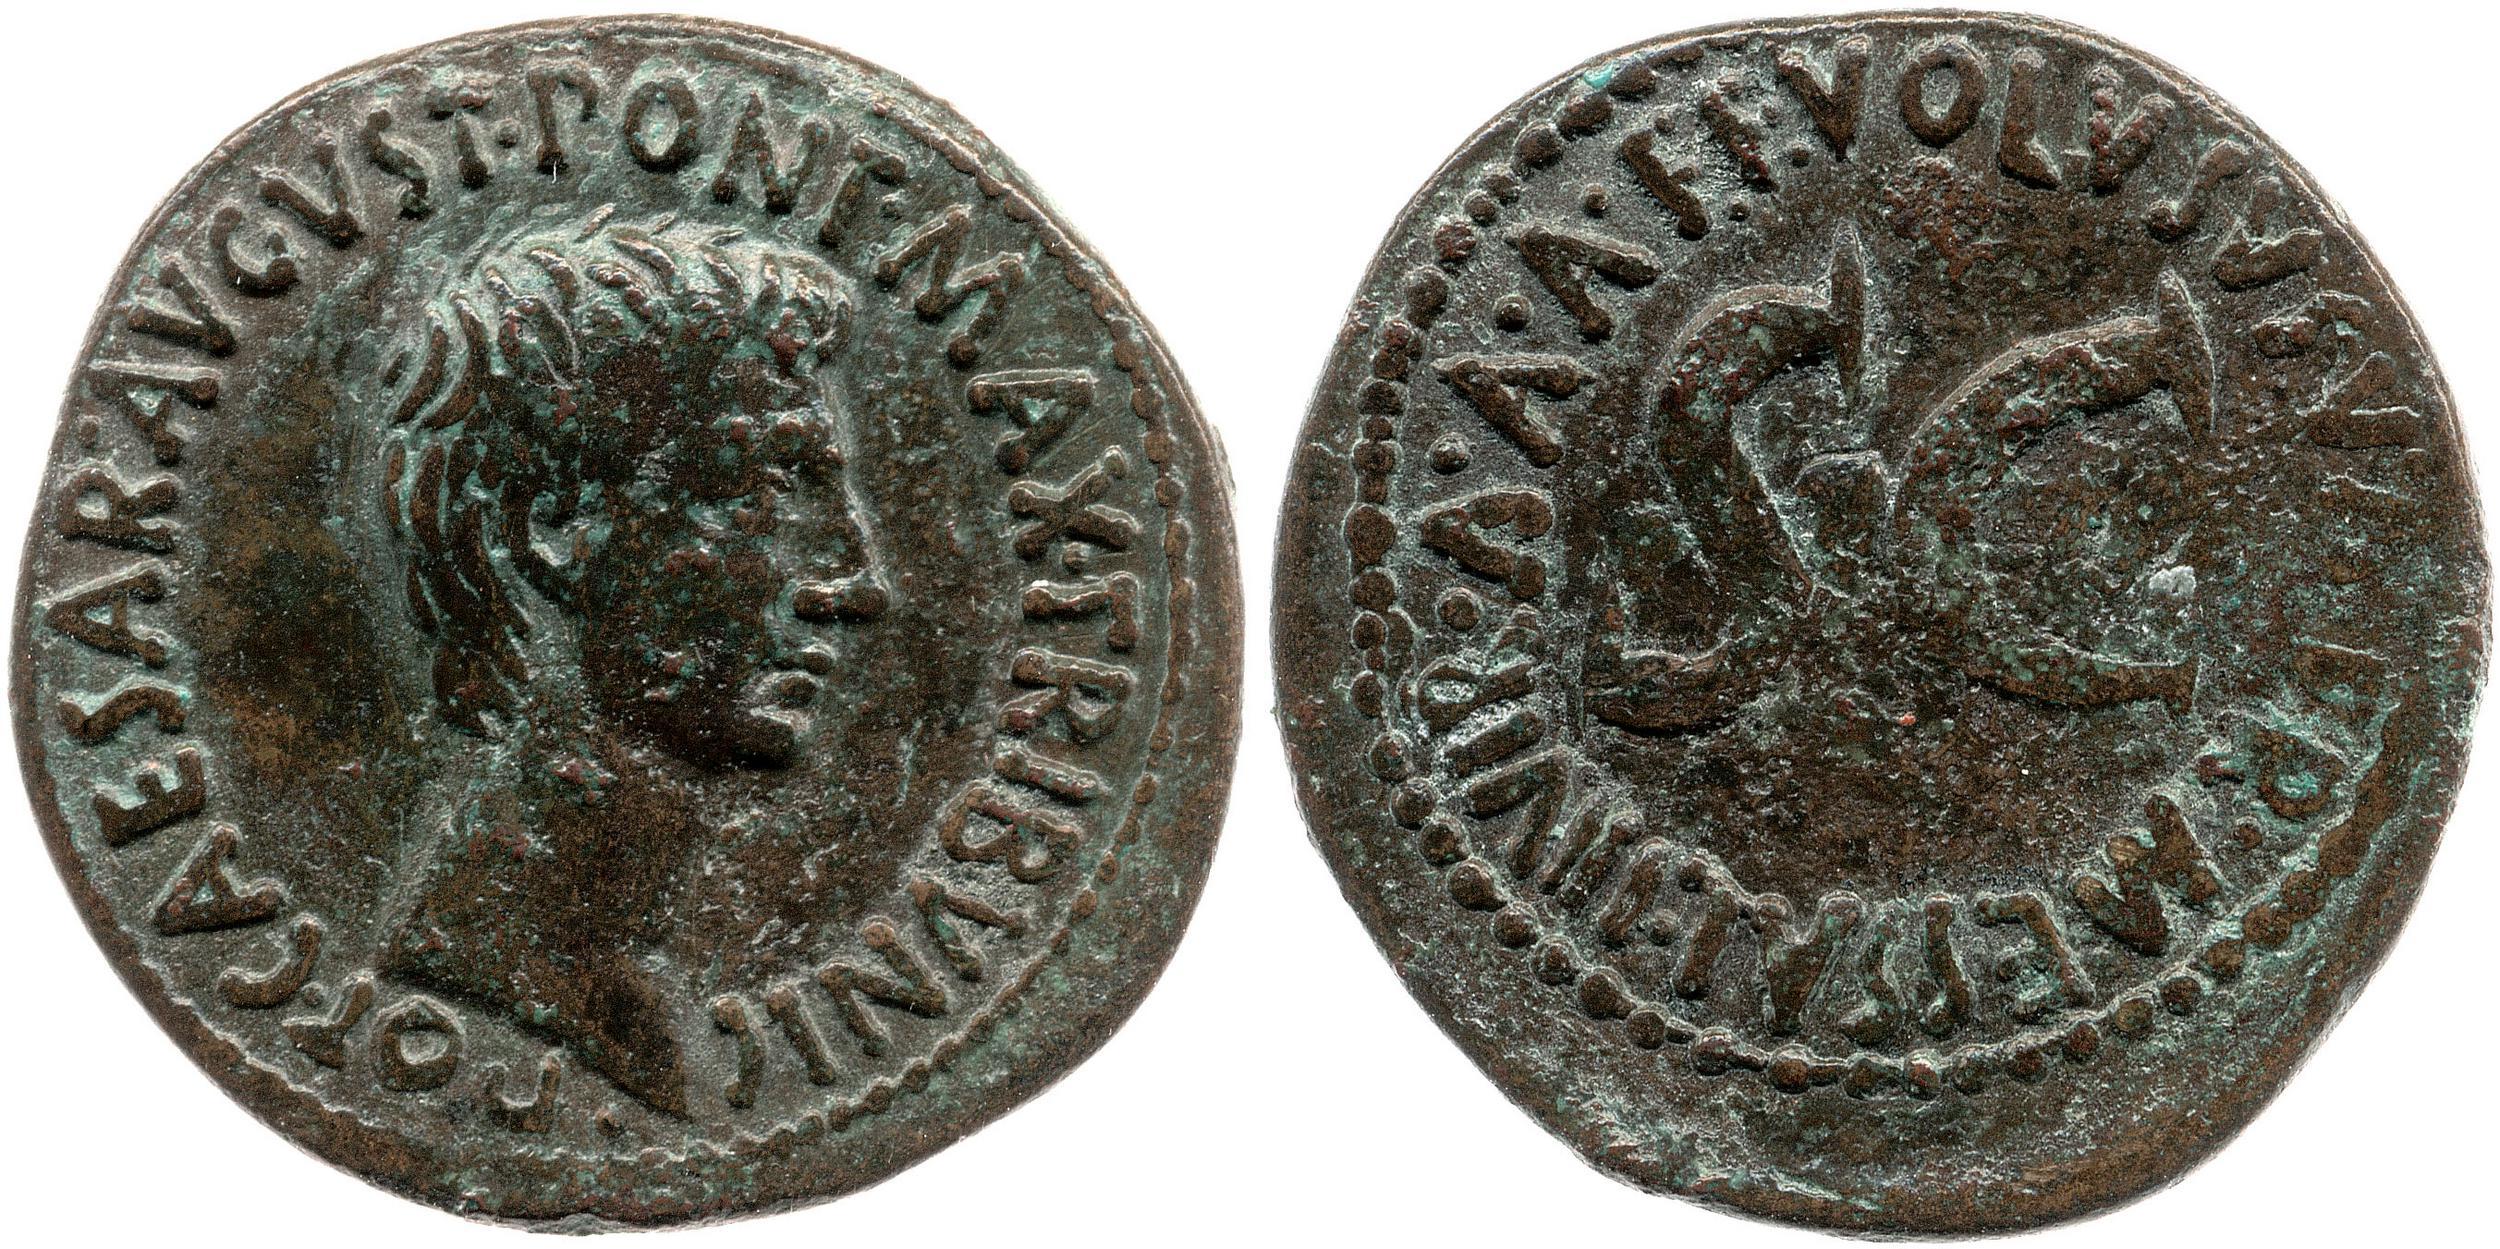 2177AU – As Auguste – Volusus Valerius Messalla